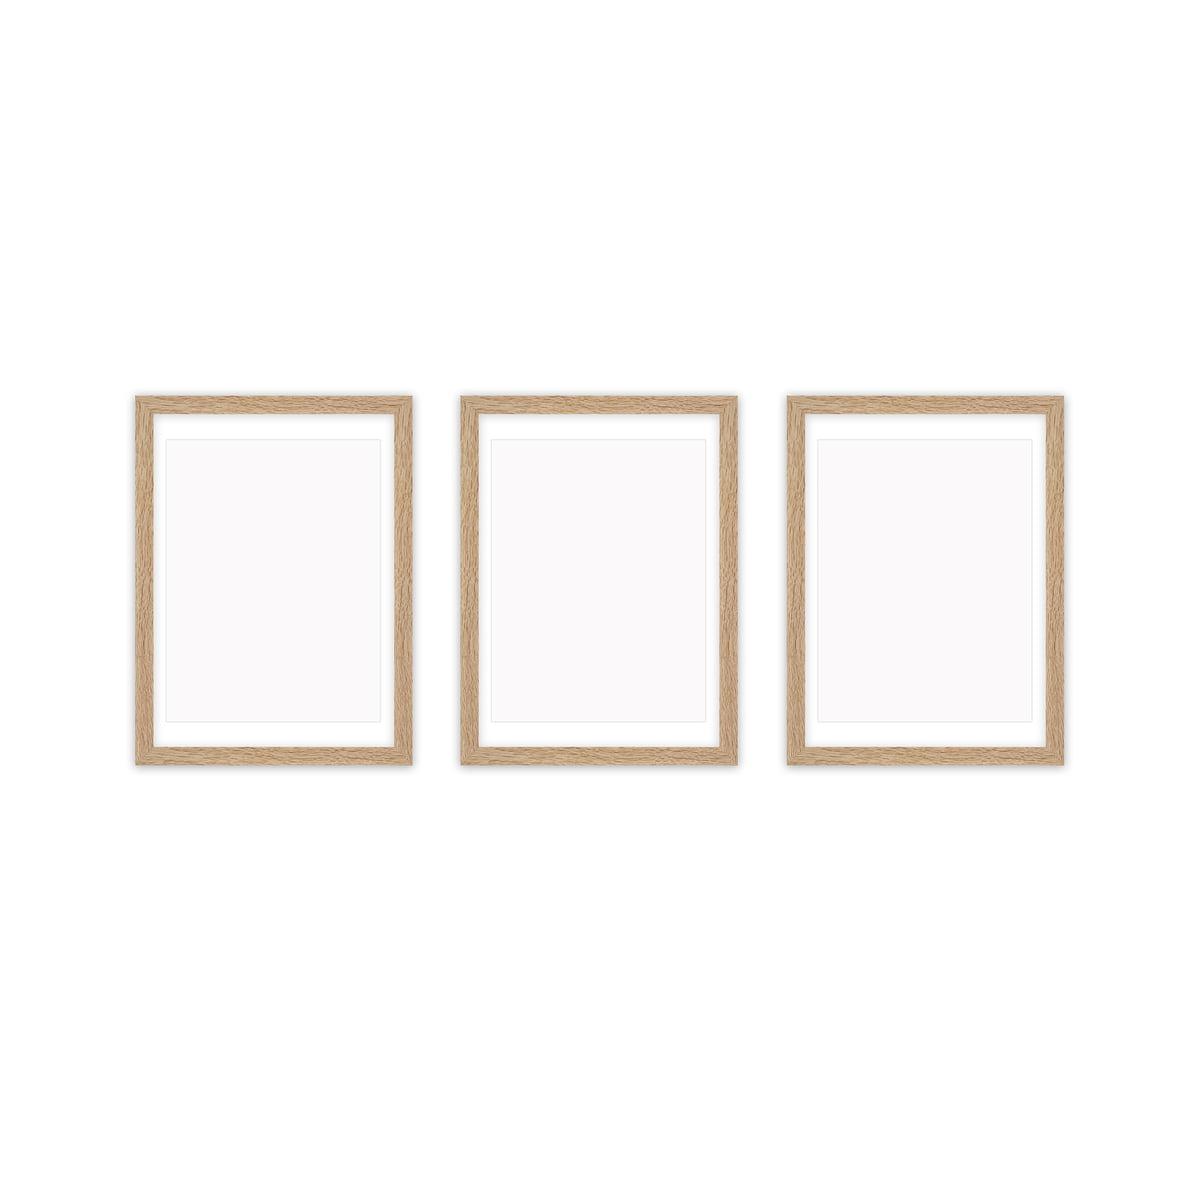 Collection - Frame it Bilderrahmen-Set 3tlg., 21 x 30 cm, Eiche geweißt